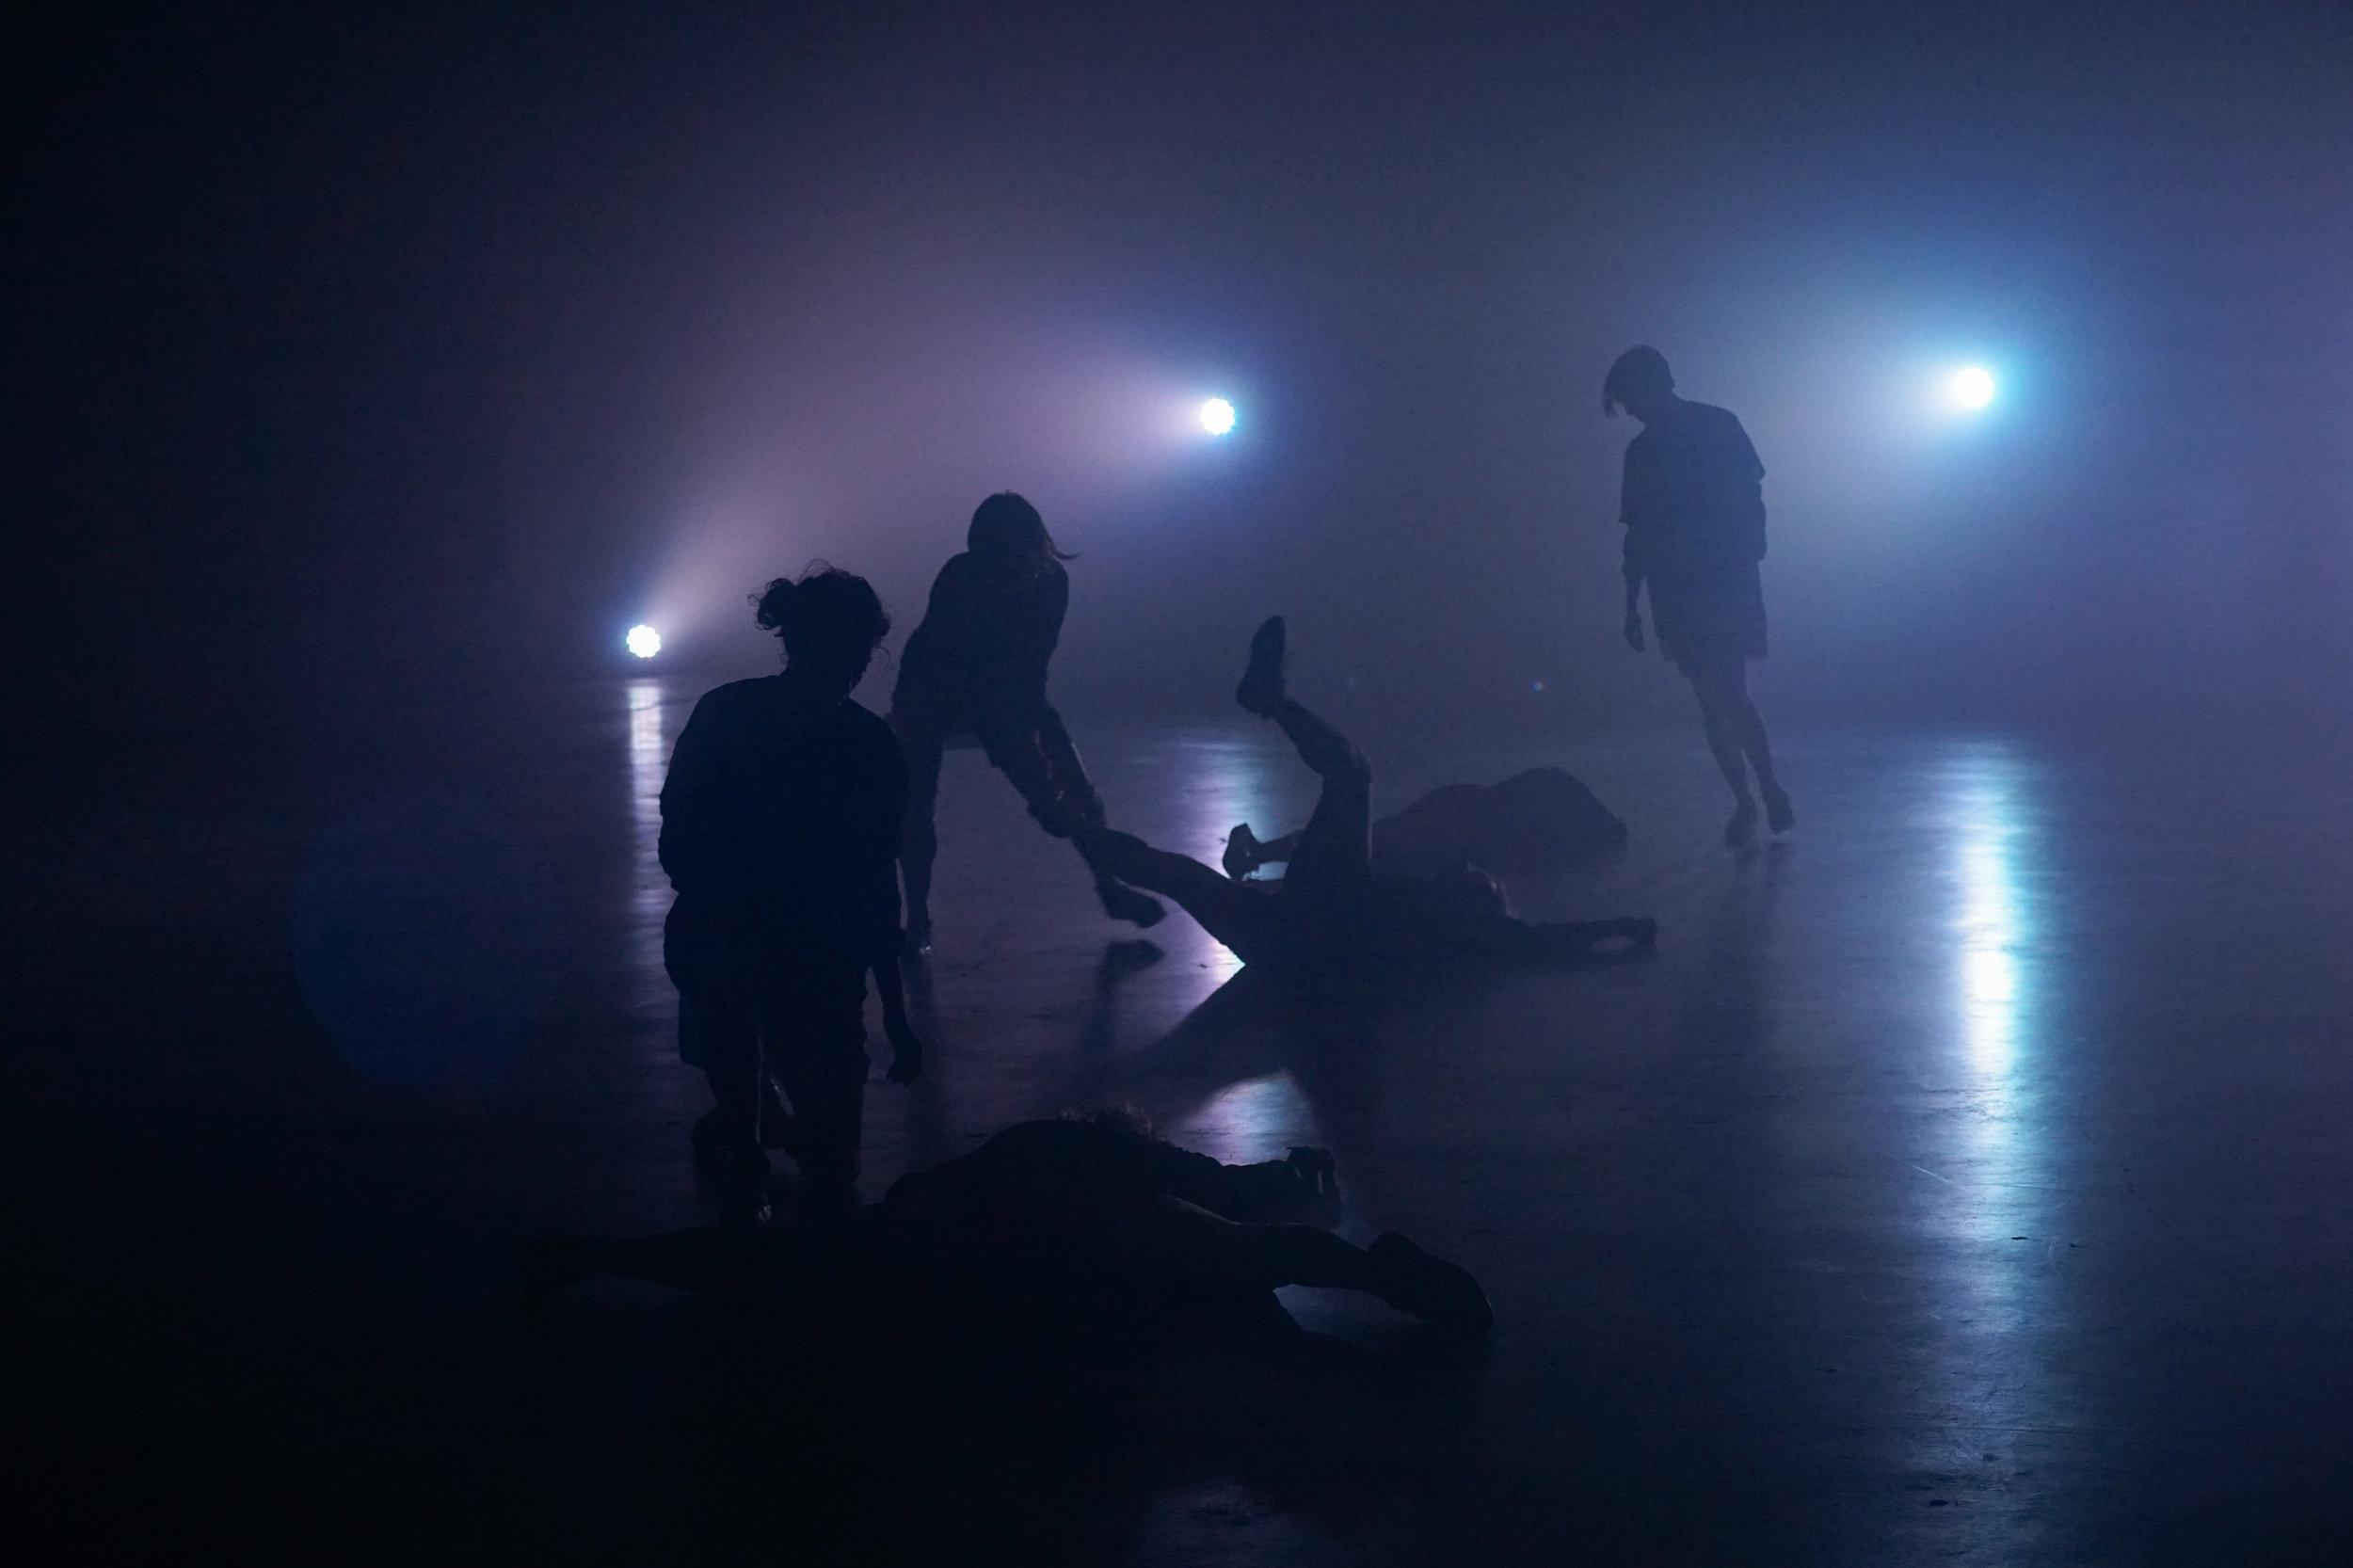 Dancers: Sarah Navarrete, Hailley Lauren, Taryn Lavery, Alex Miller, Katie Hopkins, Katie Gunderson